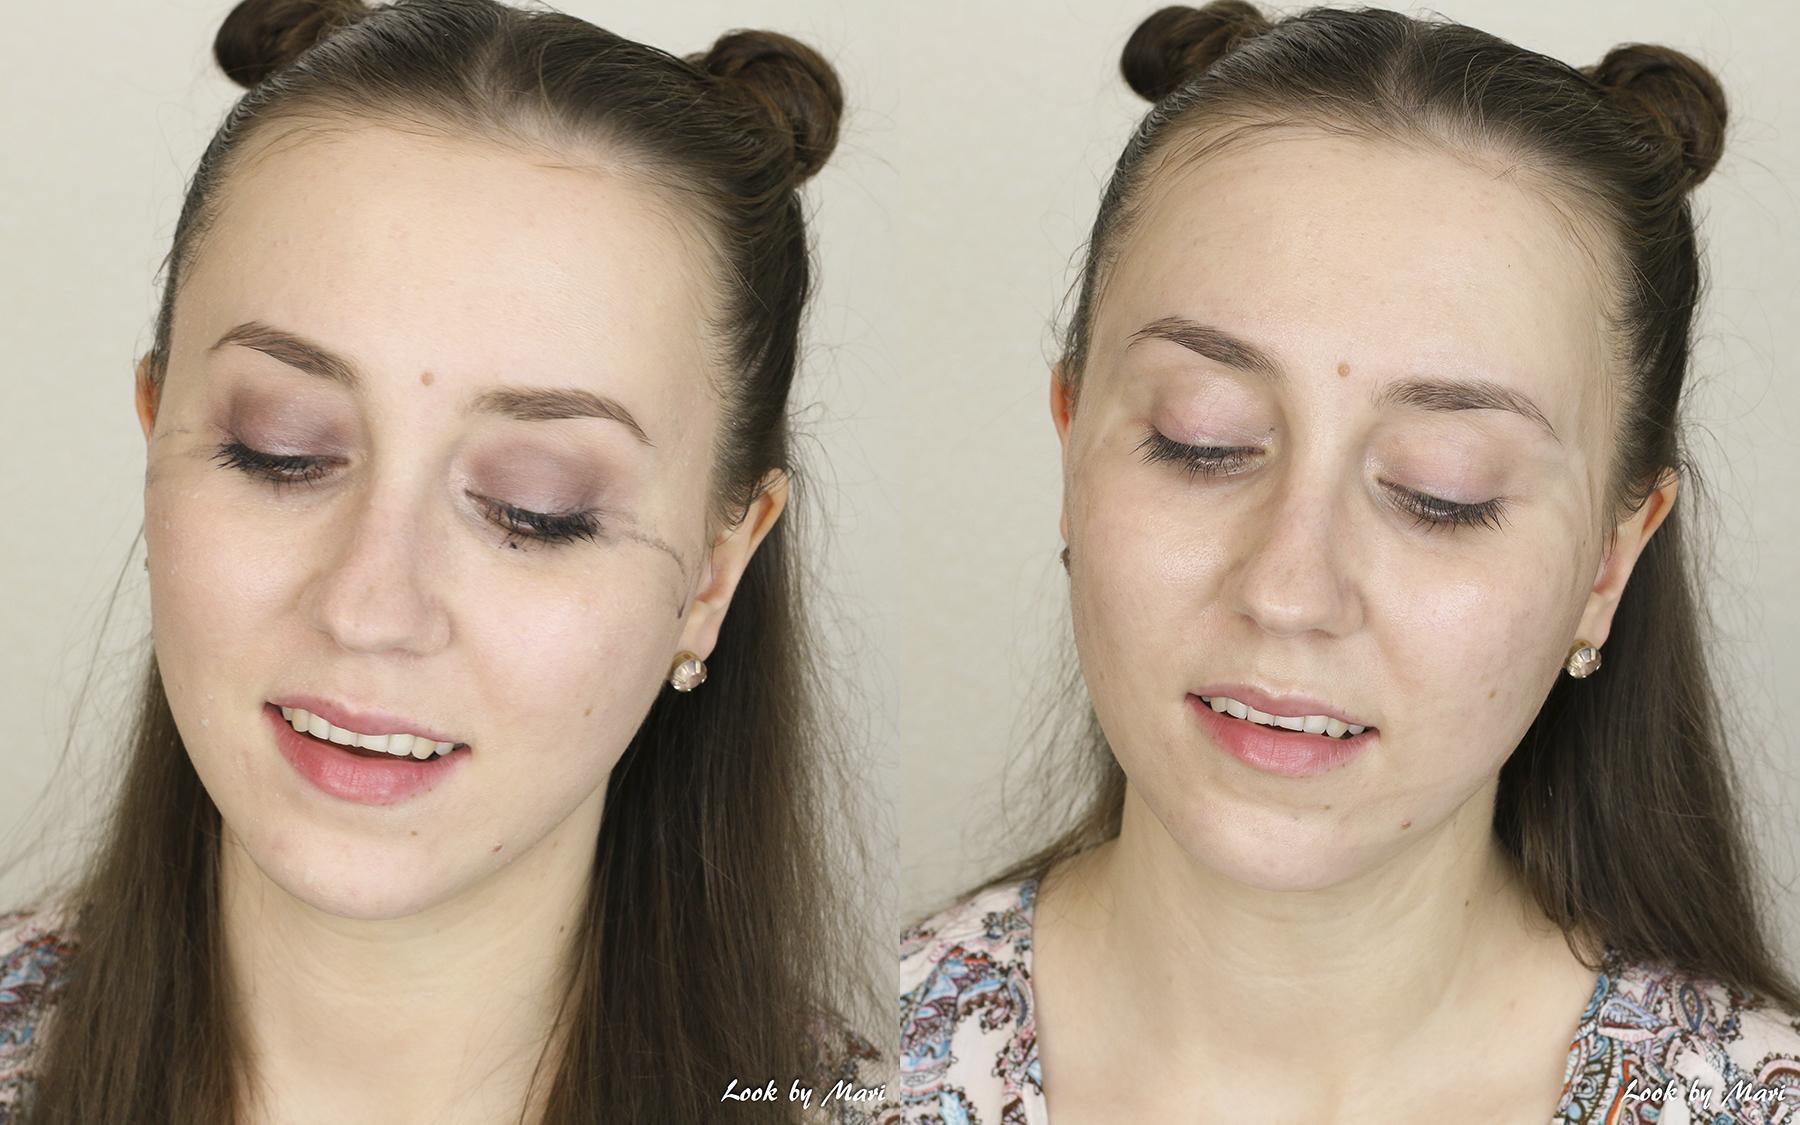 4 flow cosmetics ihonpuhdistusöljy kokemuksia hinta twistbe.fi blogi